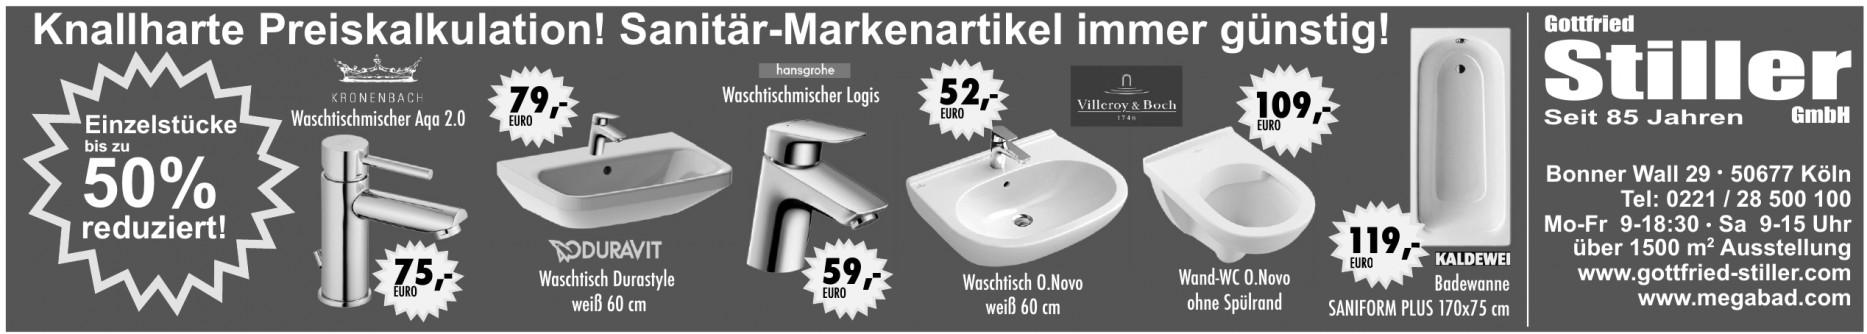 Stiller GmbH